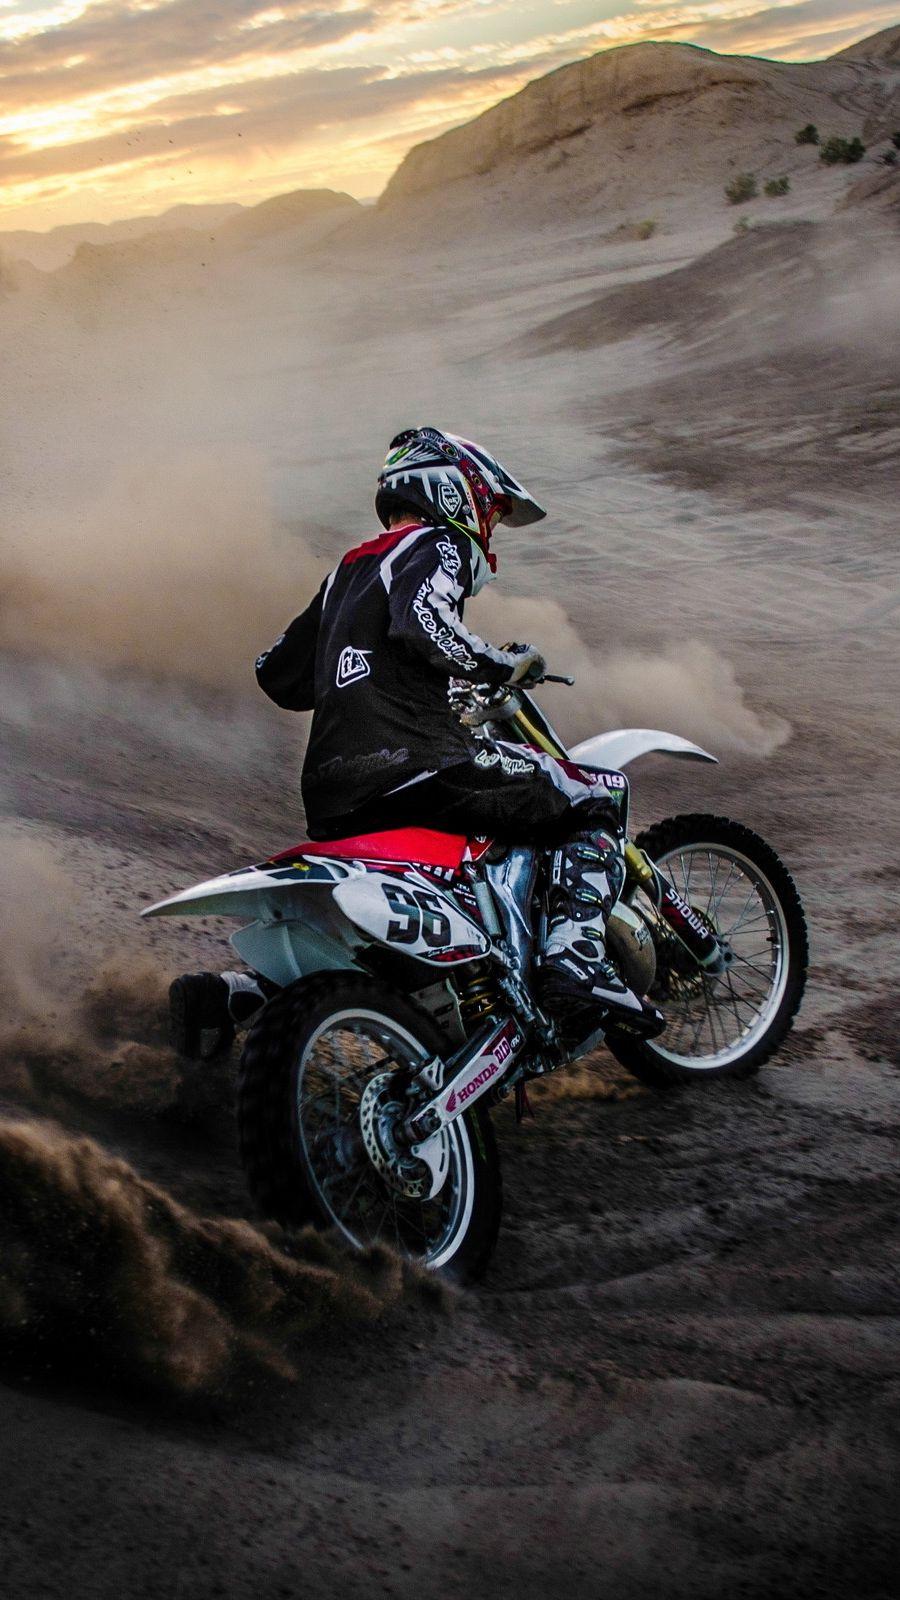 Motocross Mudding Iphone Wallpaper - Iphone Bike Wallpaper Hd , HD Wallpaper & Backgrounds